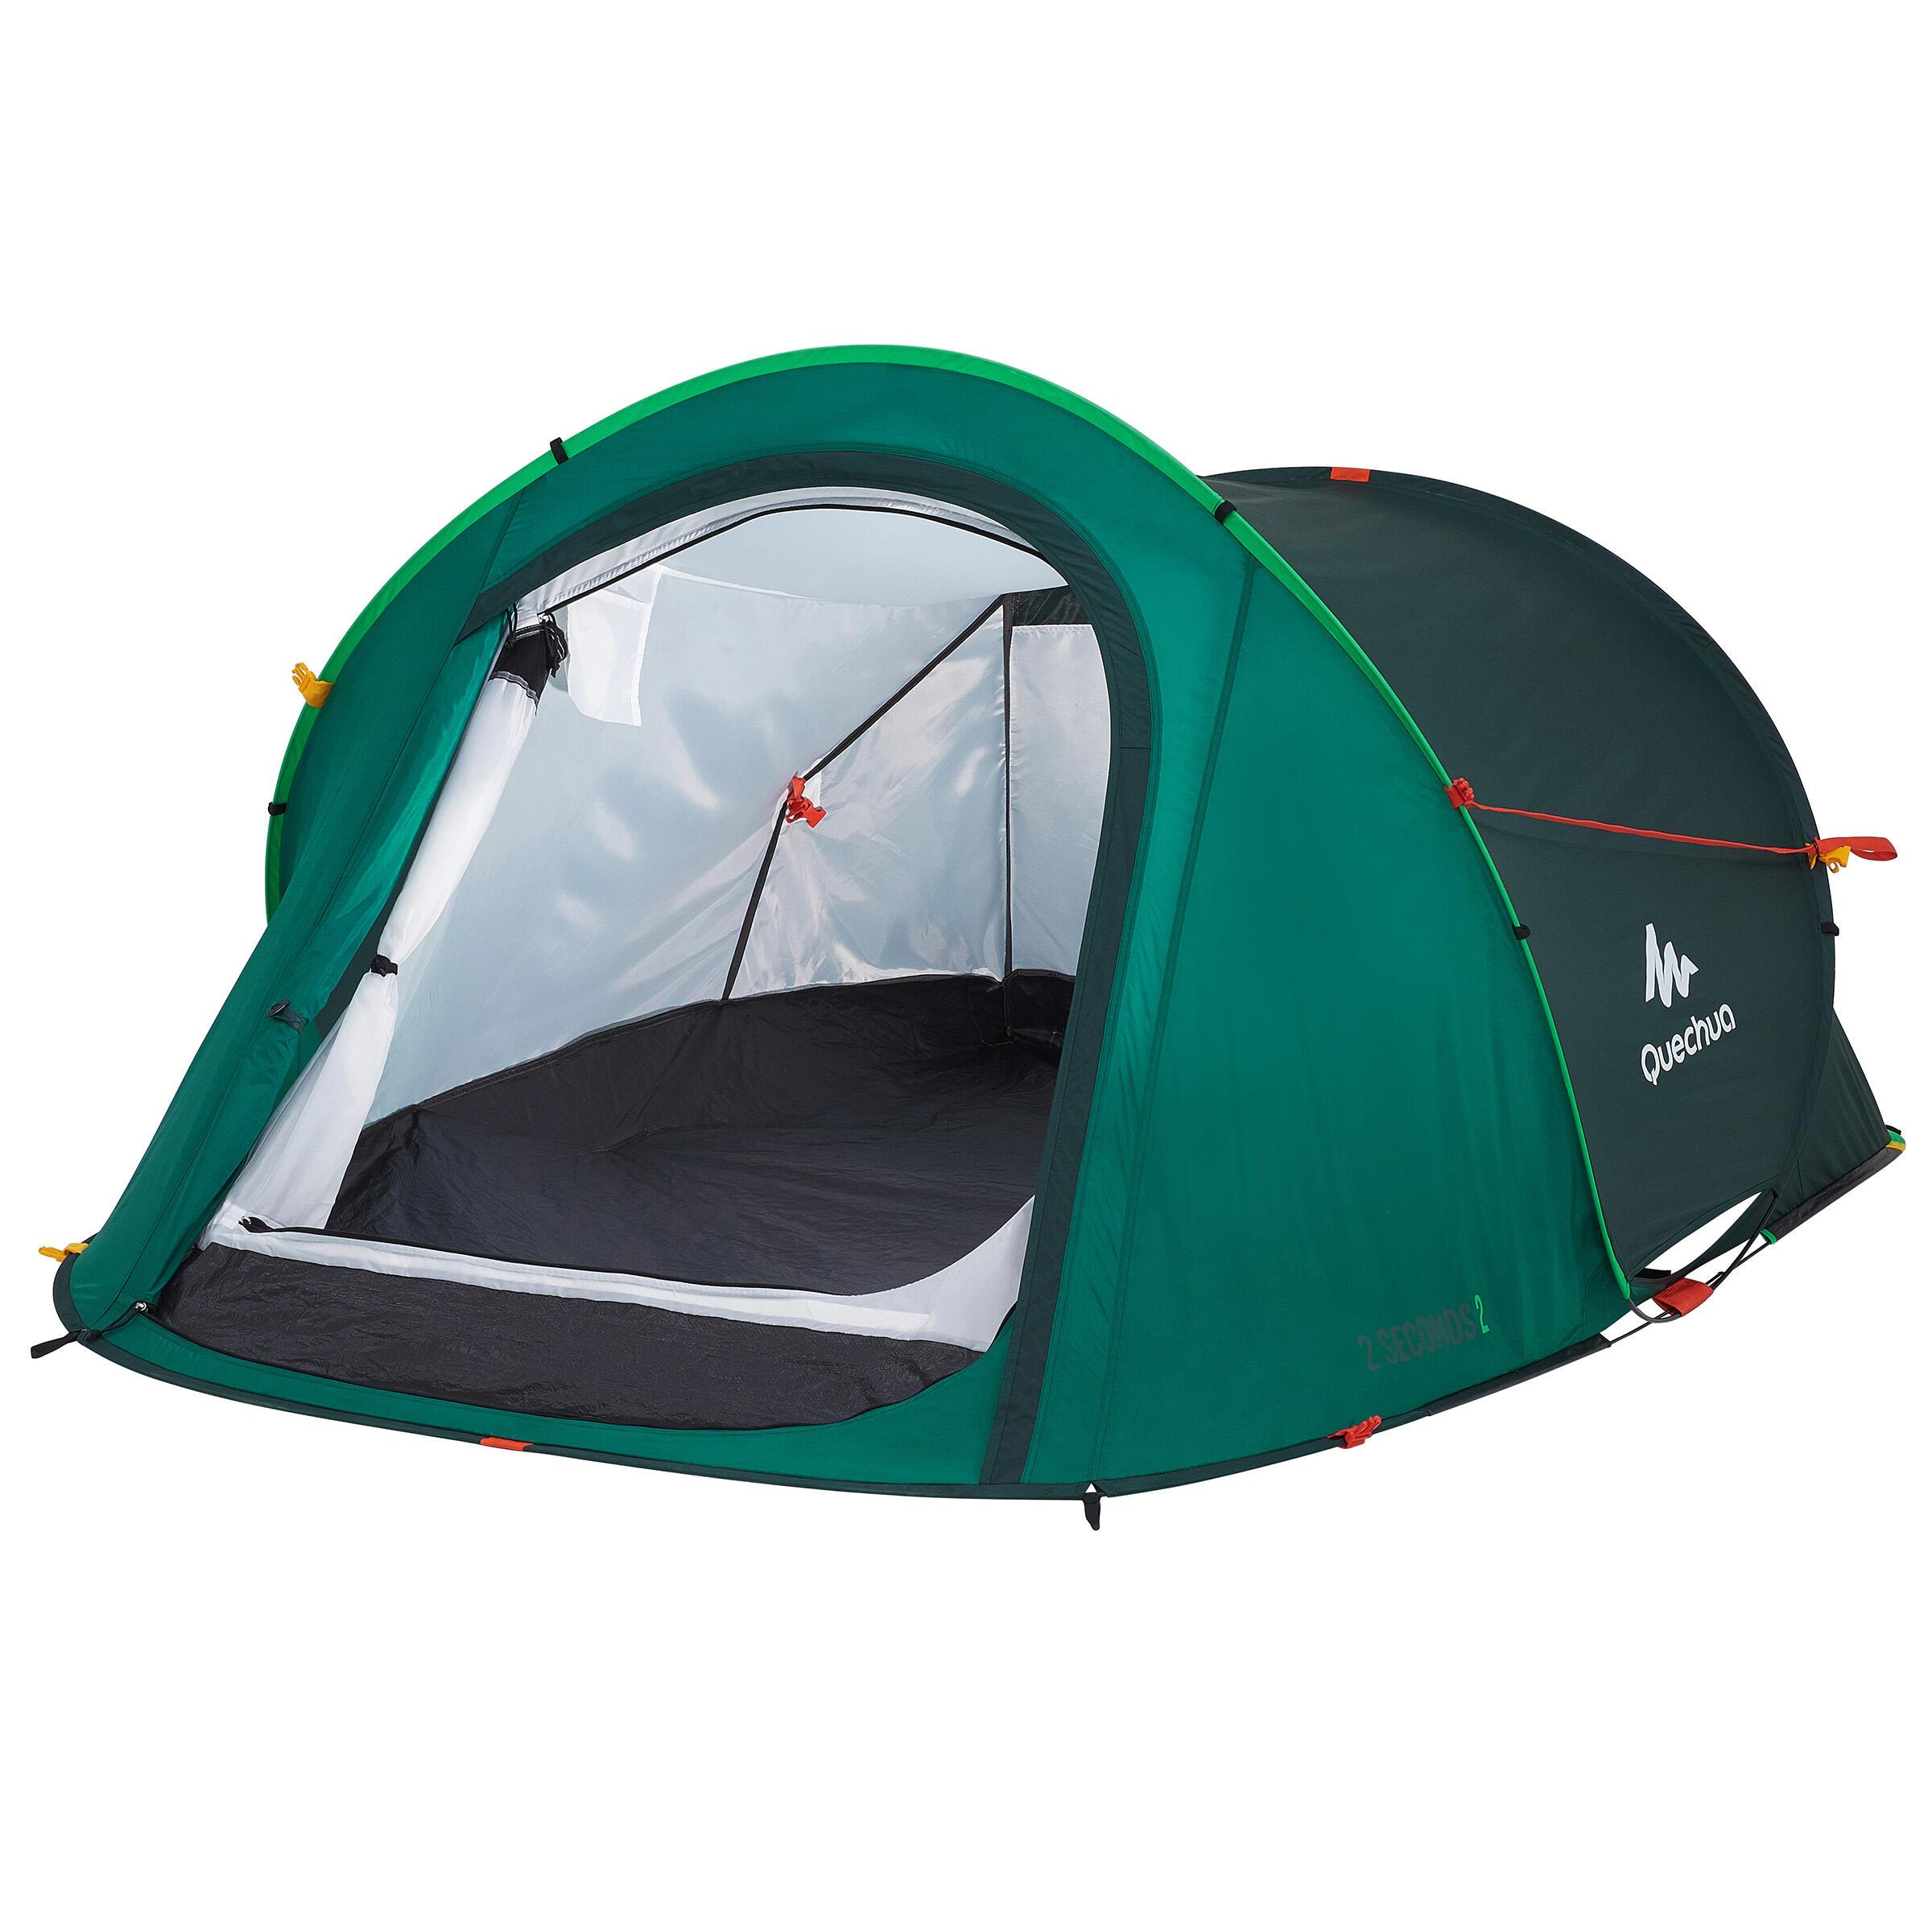 Quechua Pop up tent2 Seconds 2 personen